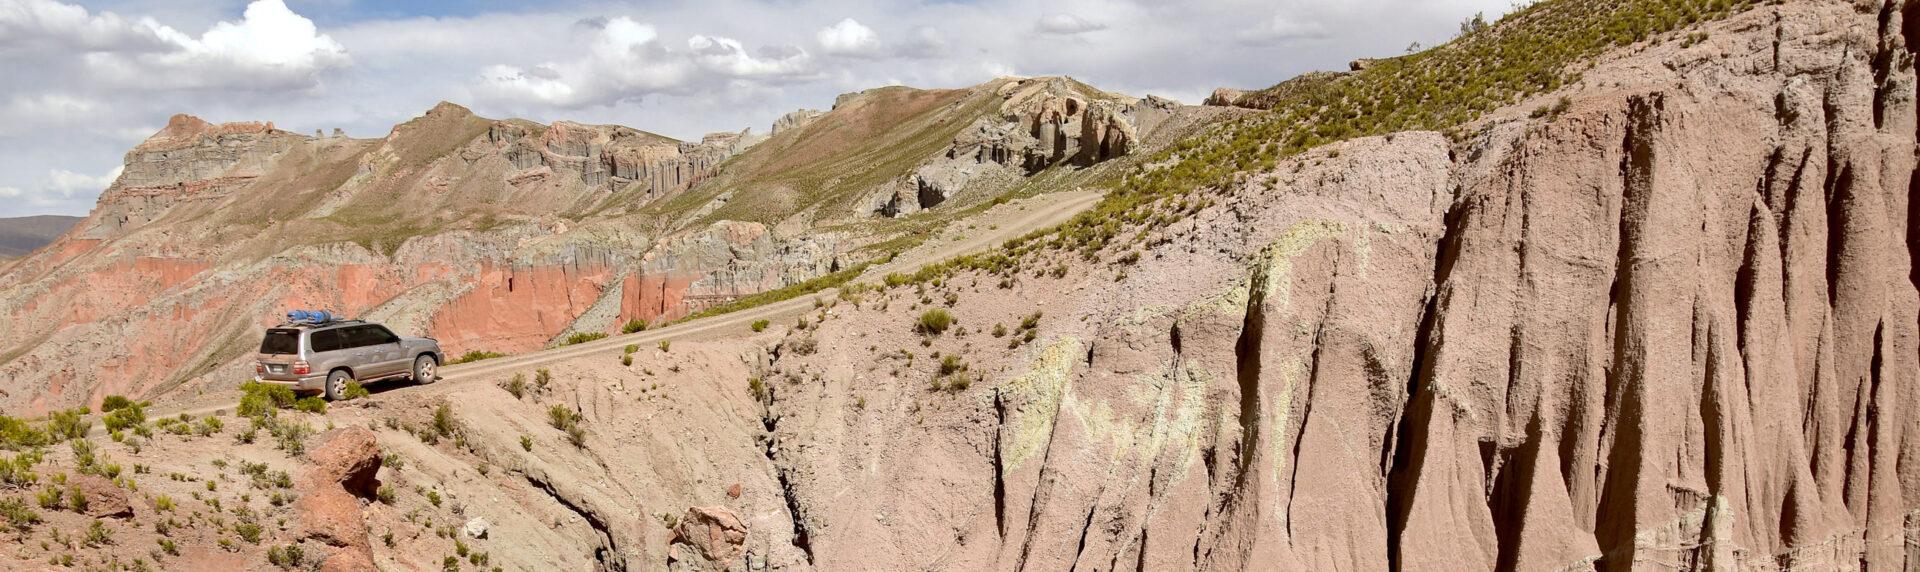 Bolivie Cordillera Lipez Uyuni2B